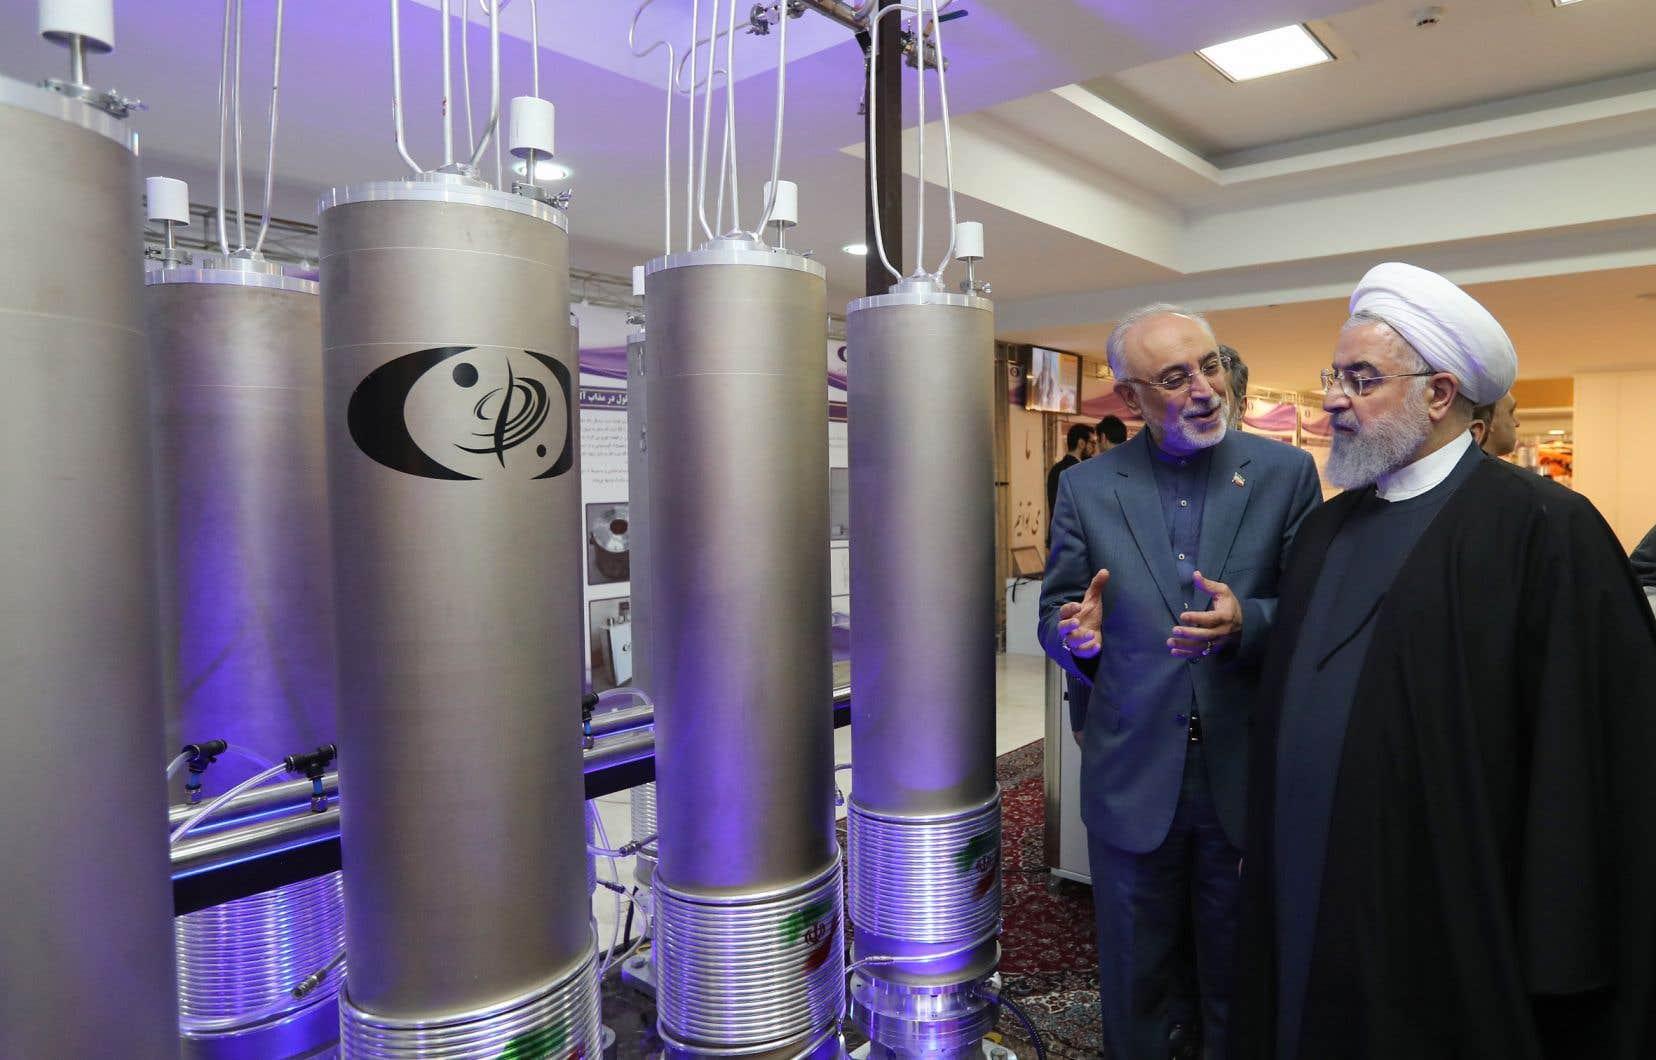 Mercredi, leprésident iranien, Hassan Rohani, a ordonné de faire sauter toute limite à la recherche et au développement dans le domaine nucléaire.